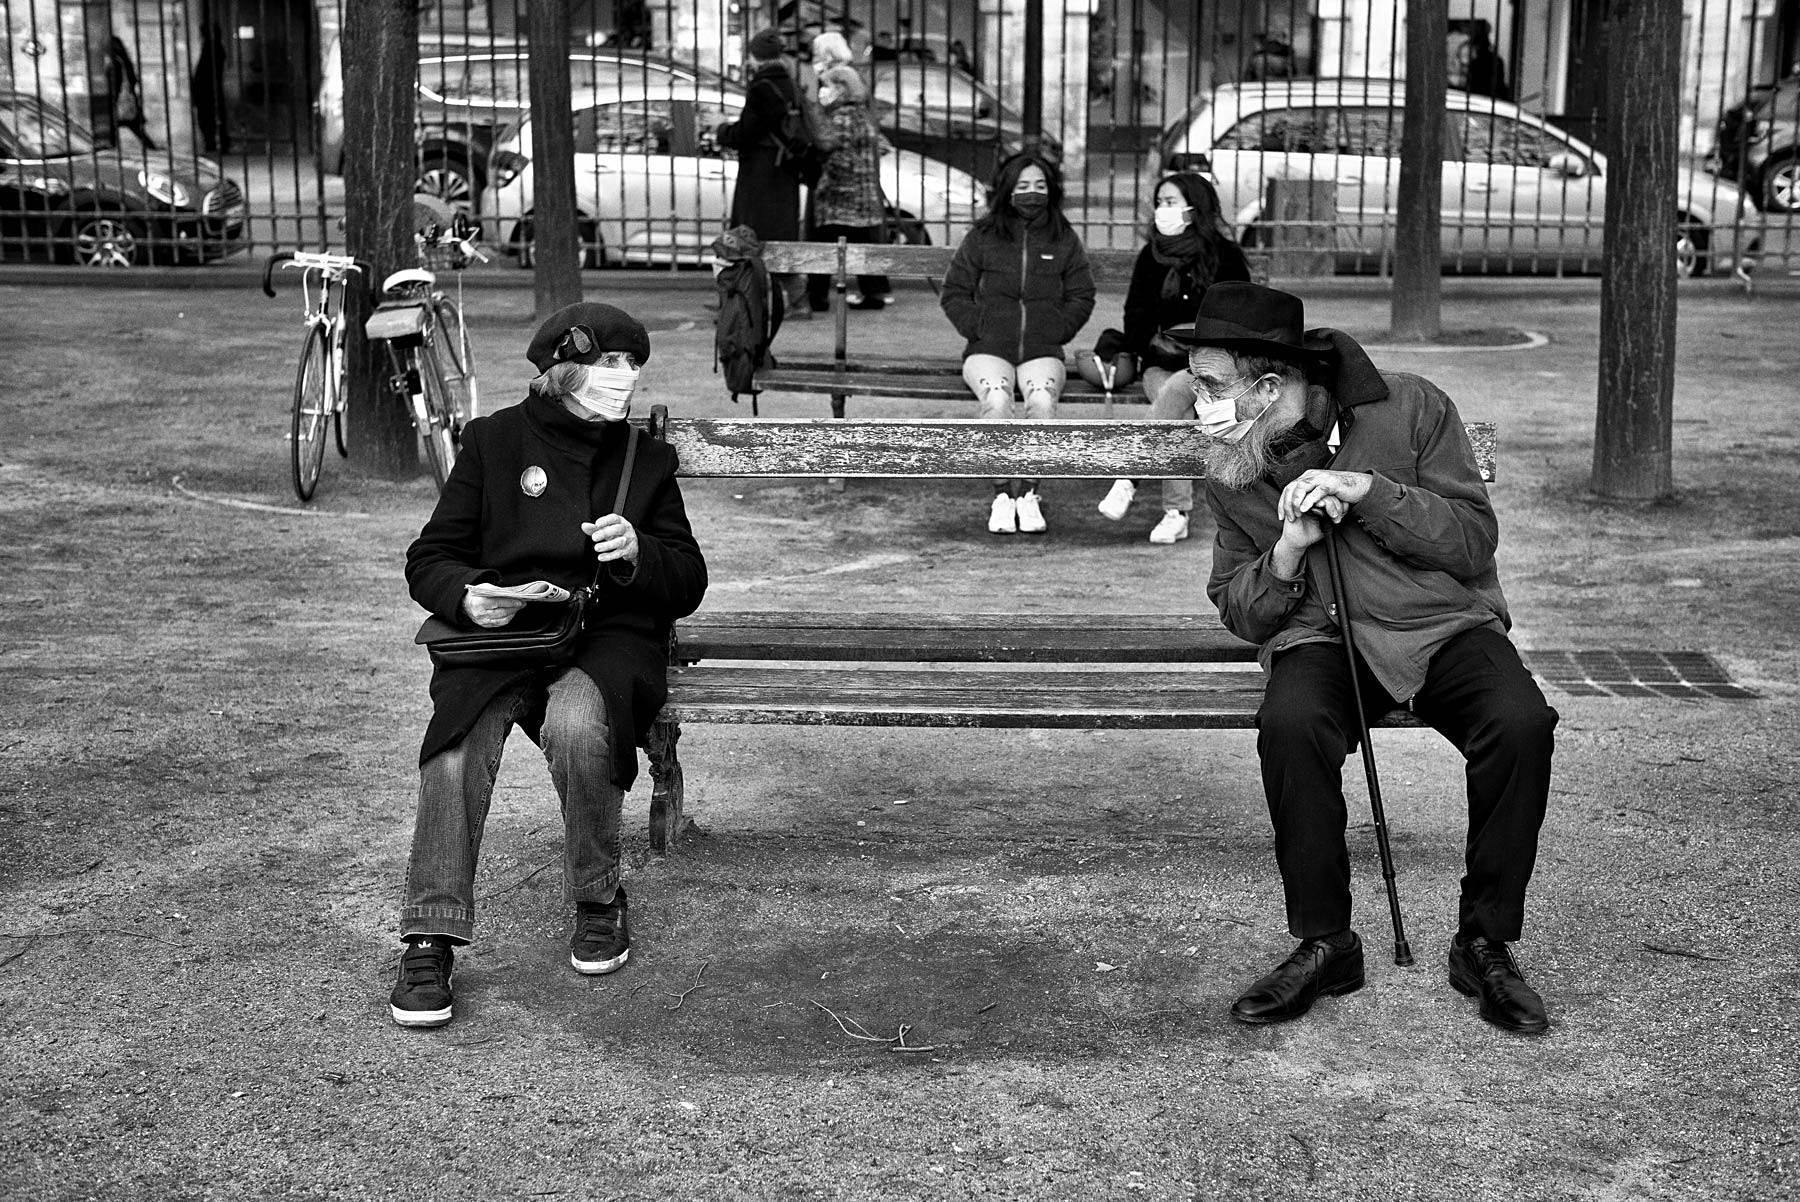 un couple de personnes agés sont assis sur un banc place des vosges à paris, ils discutent, ils ont un masque sur leurs visages, photo noir et blanc